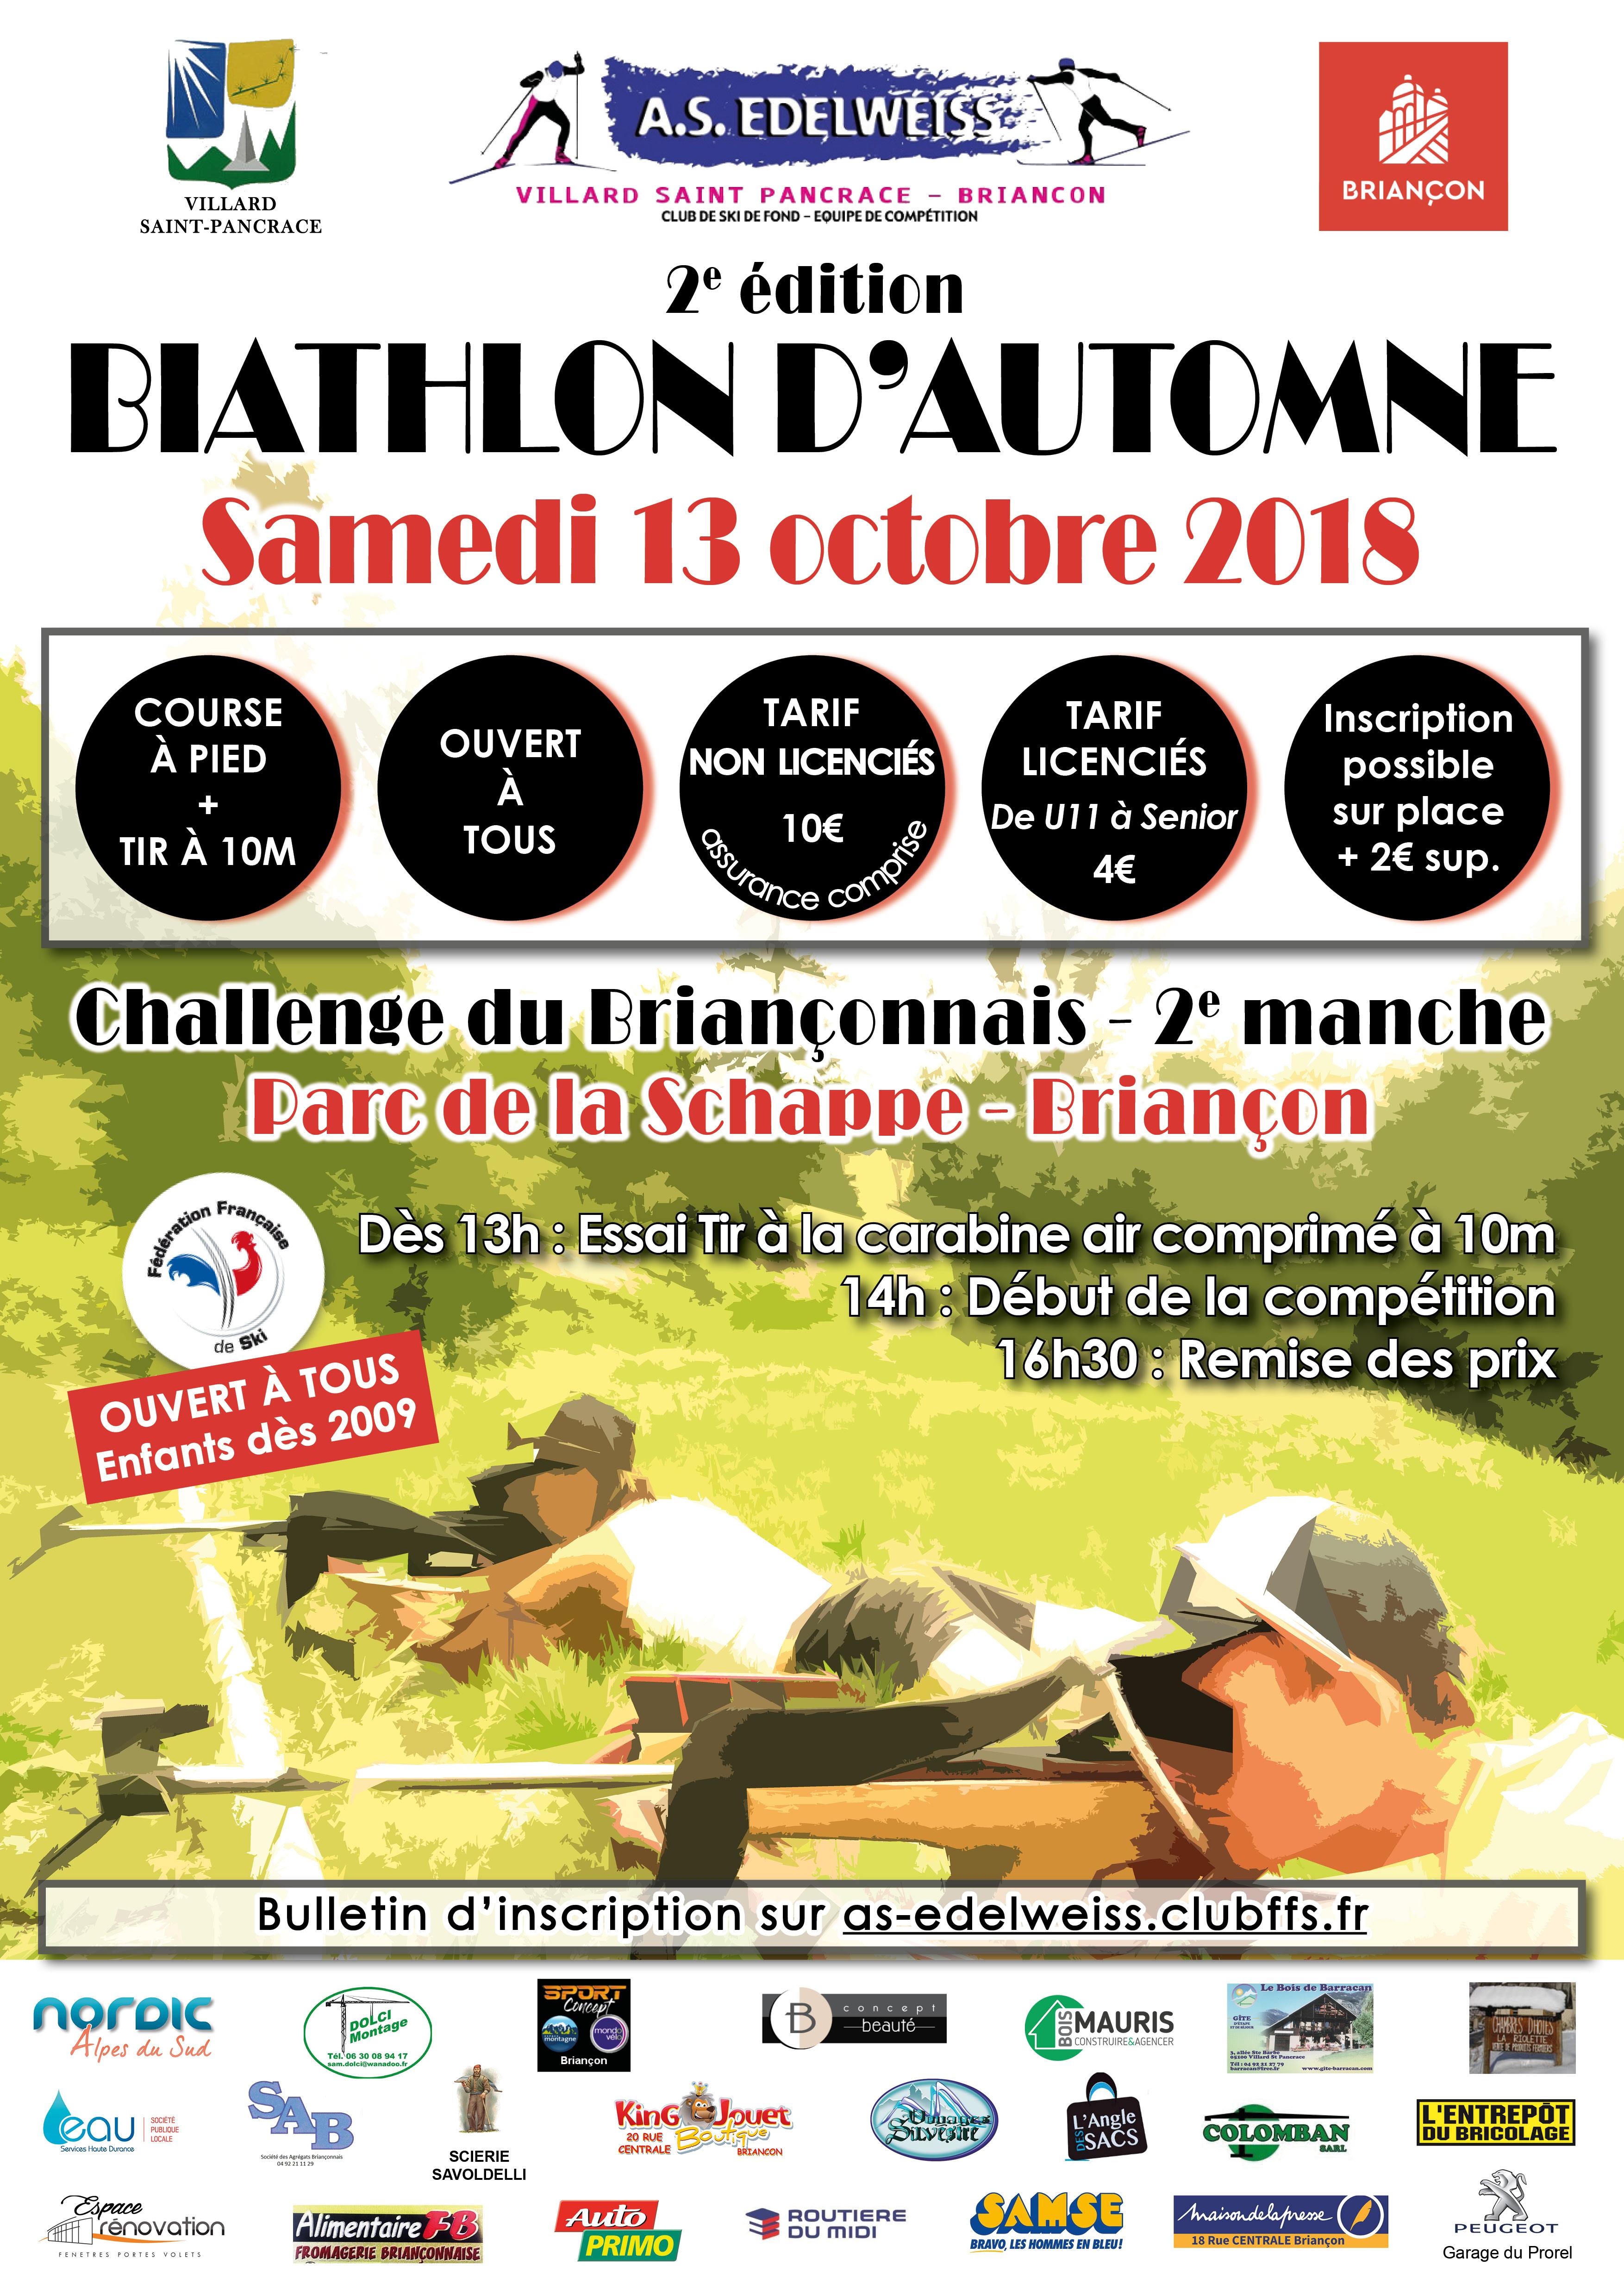 Club de biathlon, l'edelweiss fête ses 70 ans